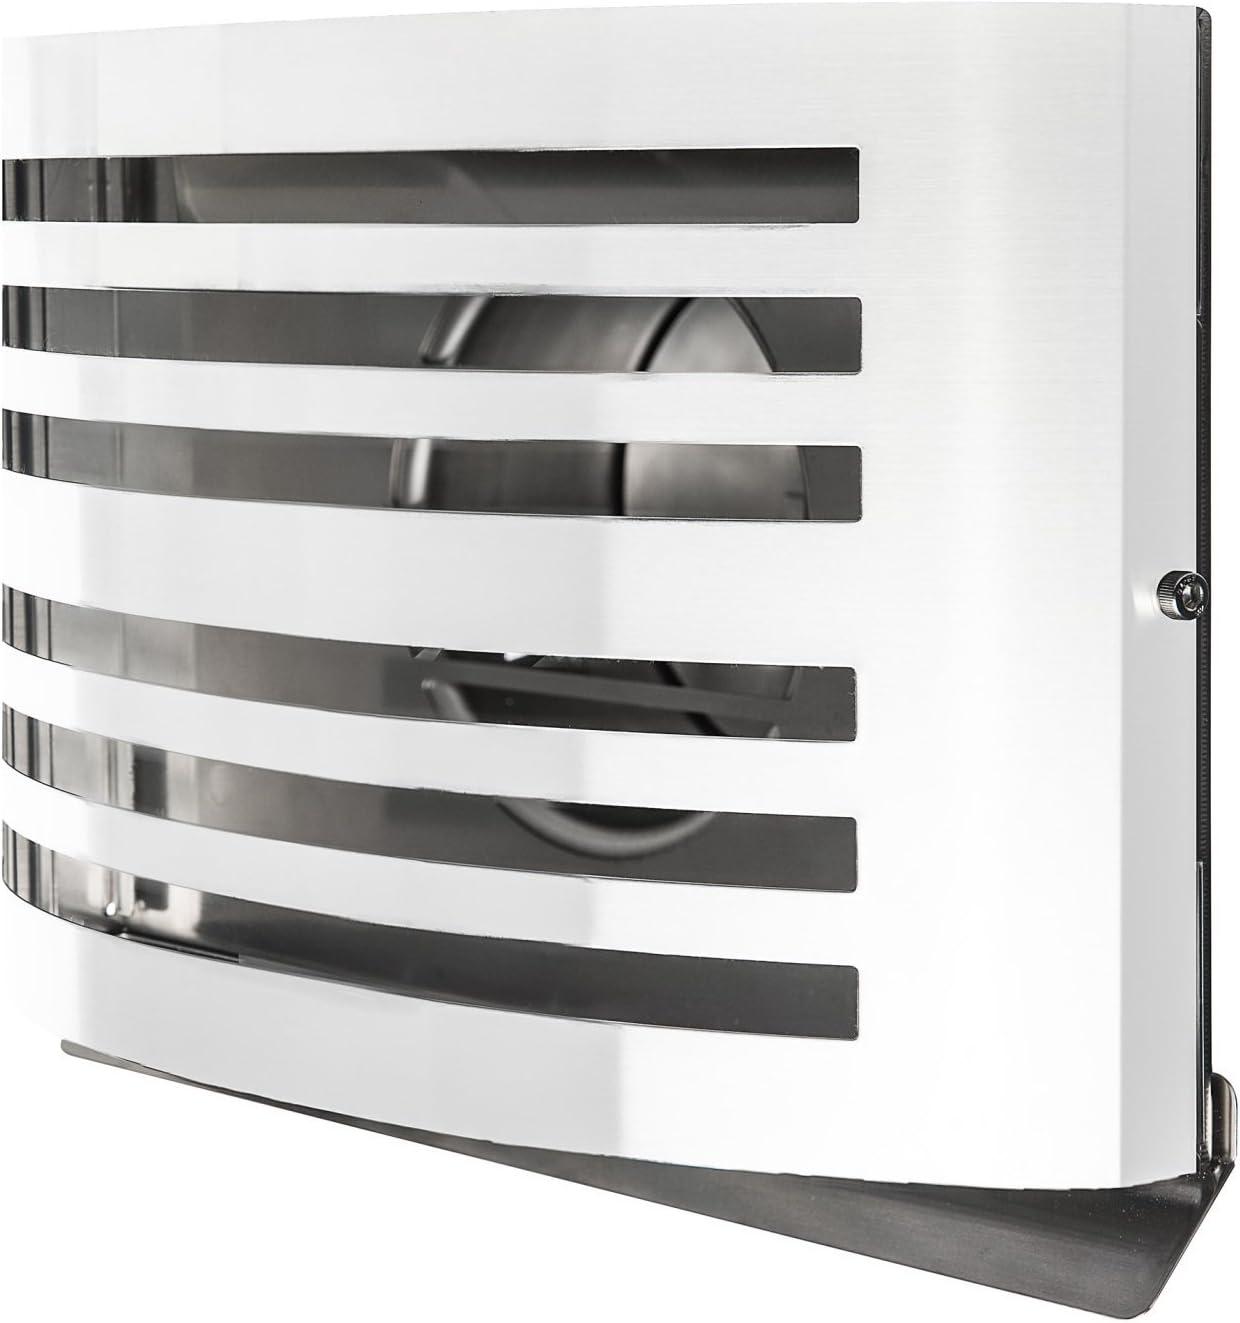 Paneir RAL 9010 - Rejilla de ventilación (acero inoxidable, con válvula antirretorno, 150 mm), color blanco: Amazon.es: Bricolaje y herramientas